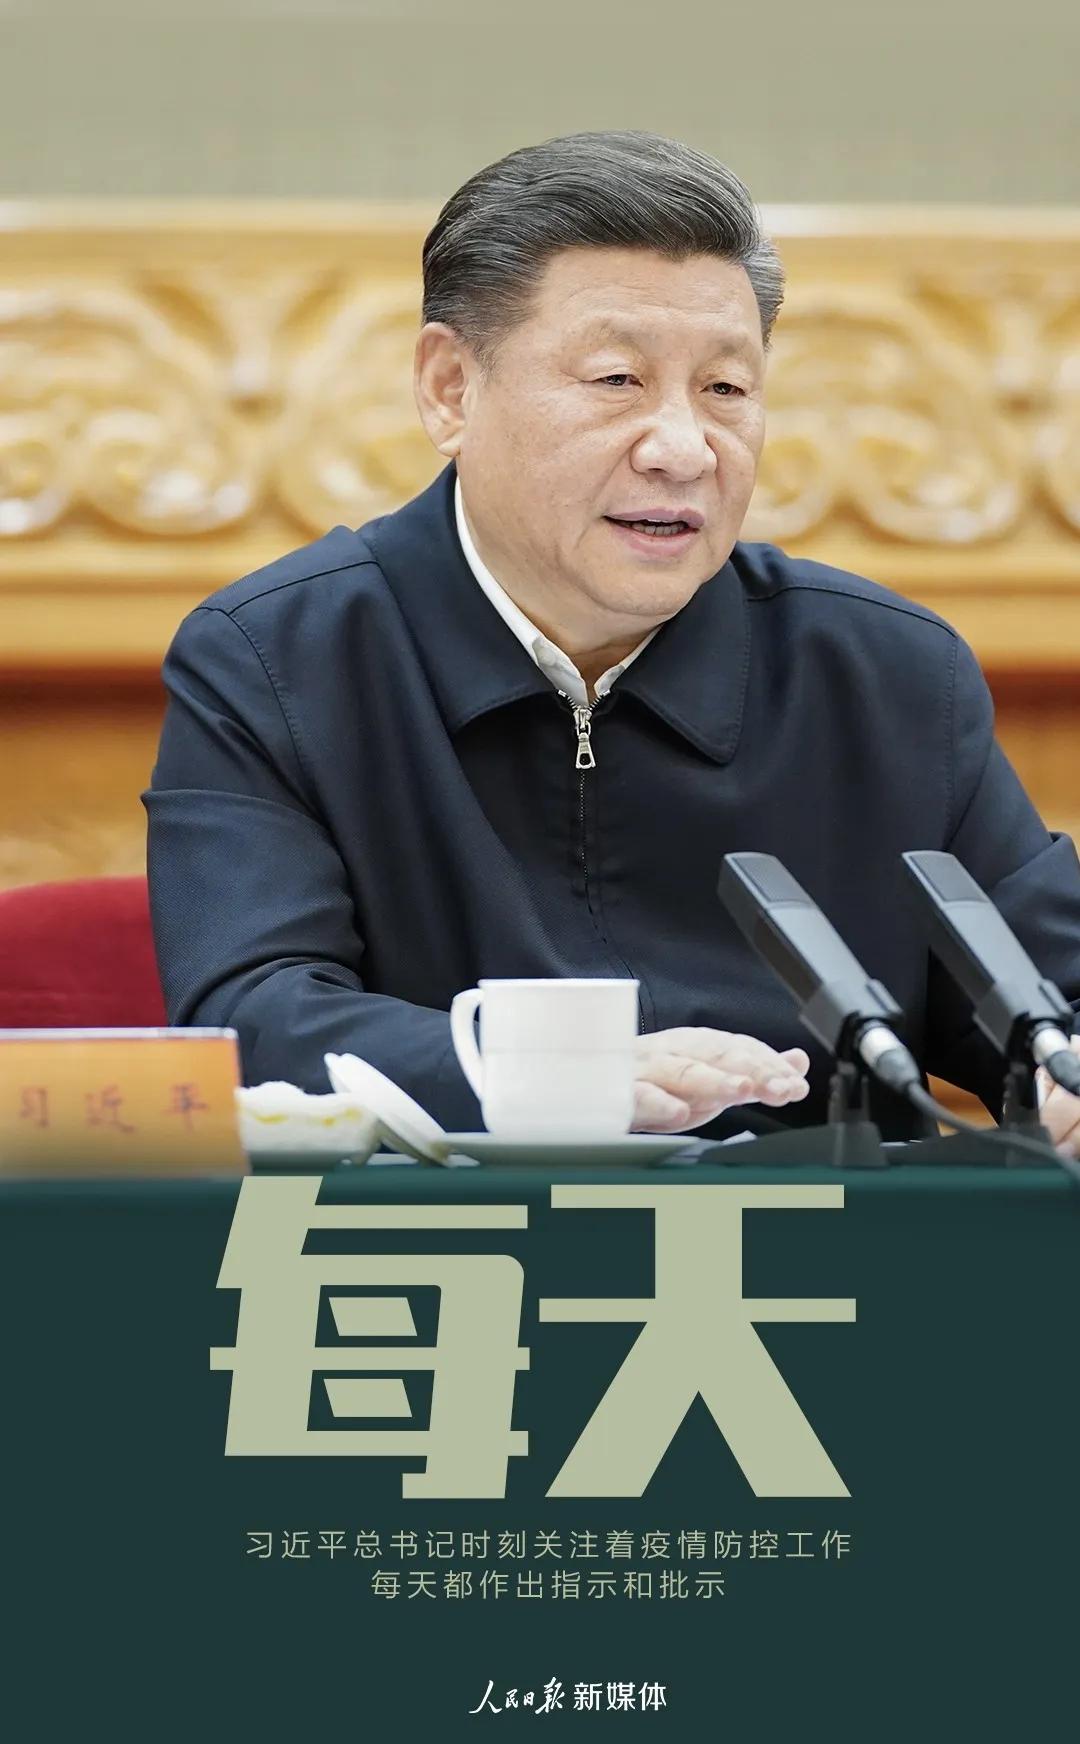 從疫情(qing)大考看中國形象